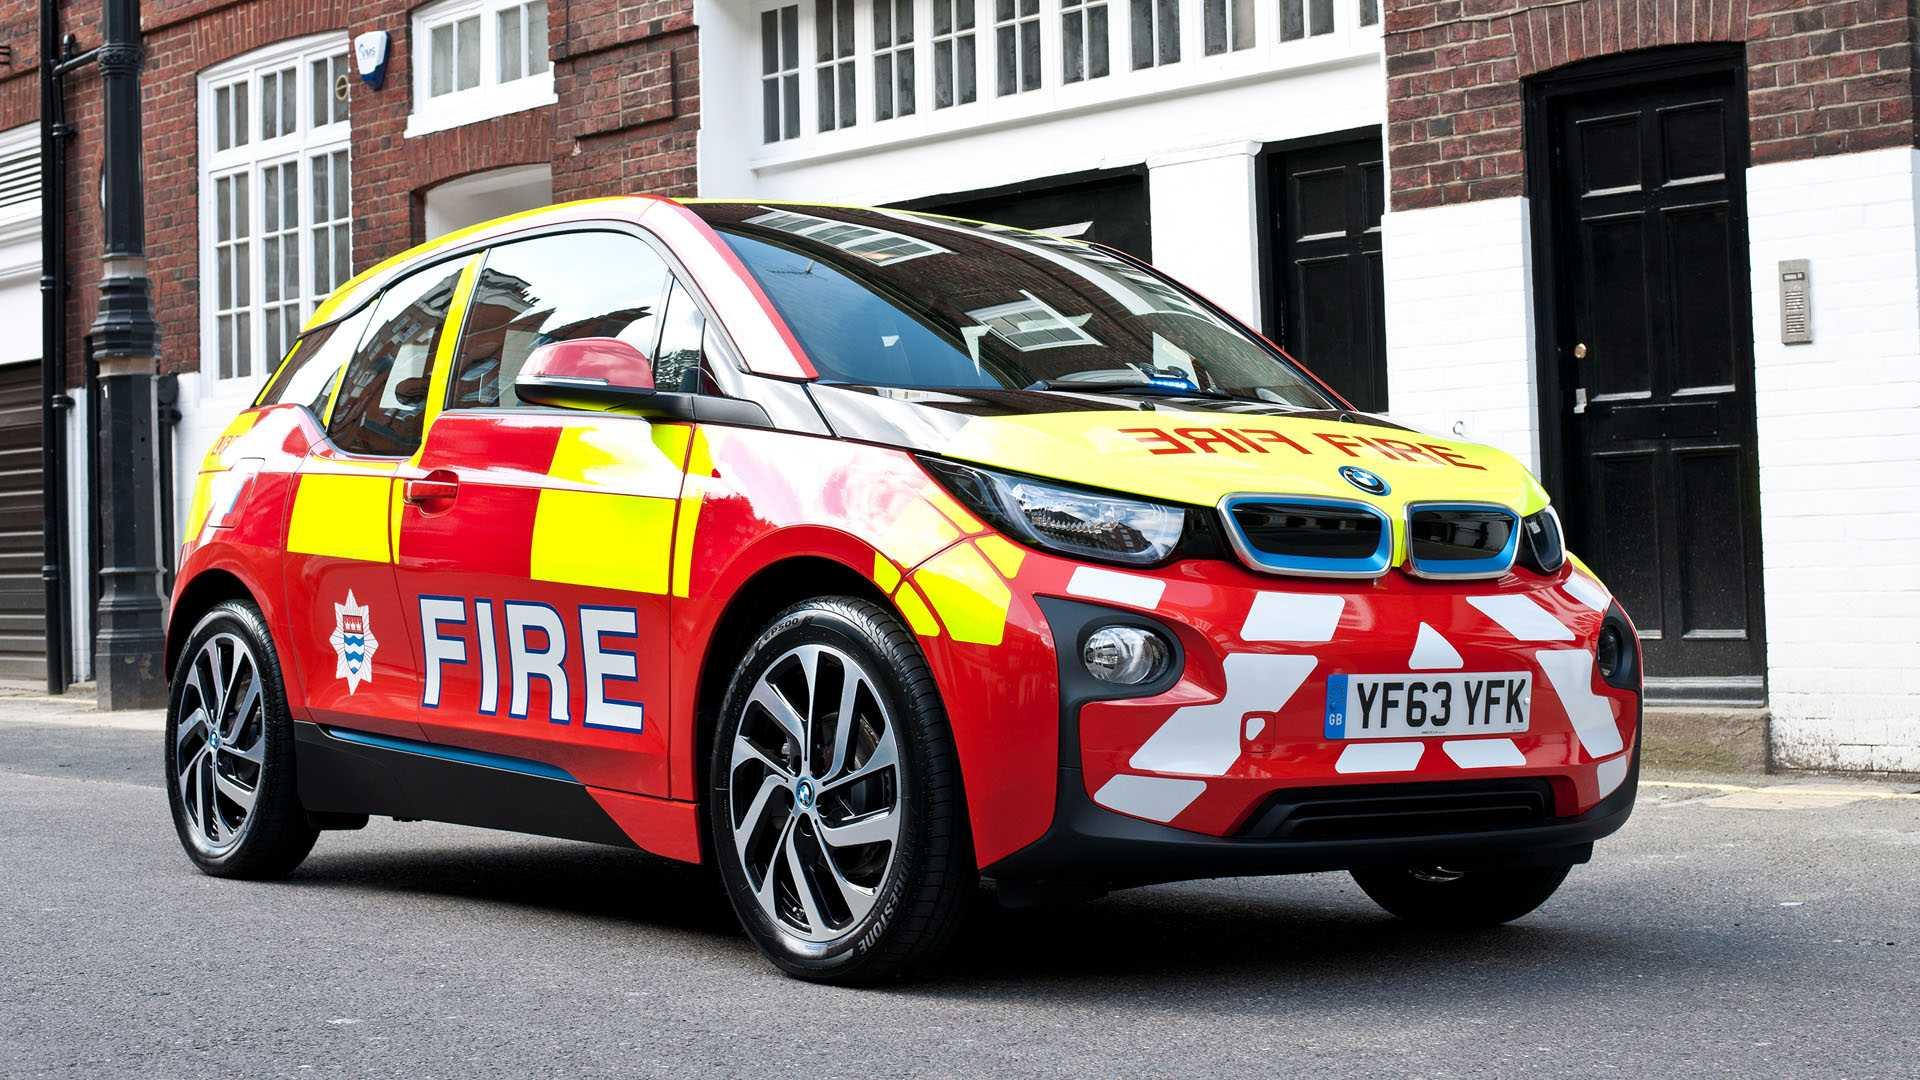 BMW llama a revisión a 1,6 millones de vehículos diésel por riesgo de incendio